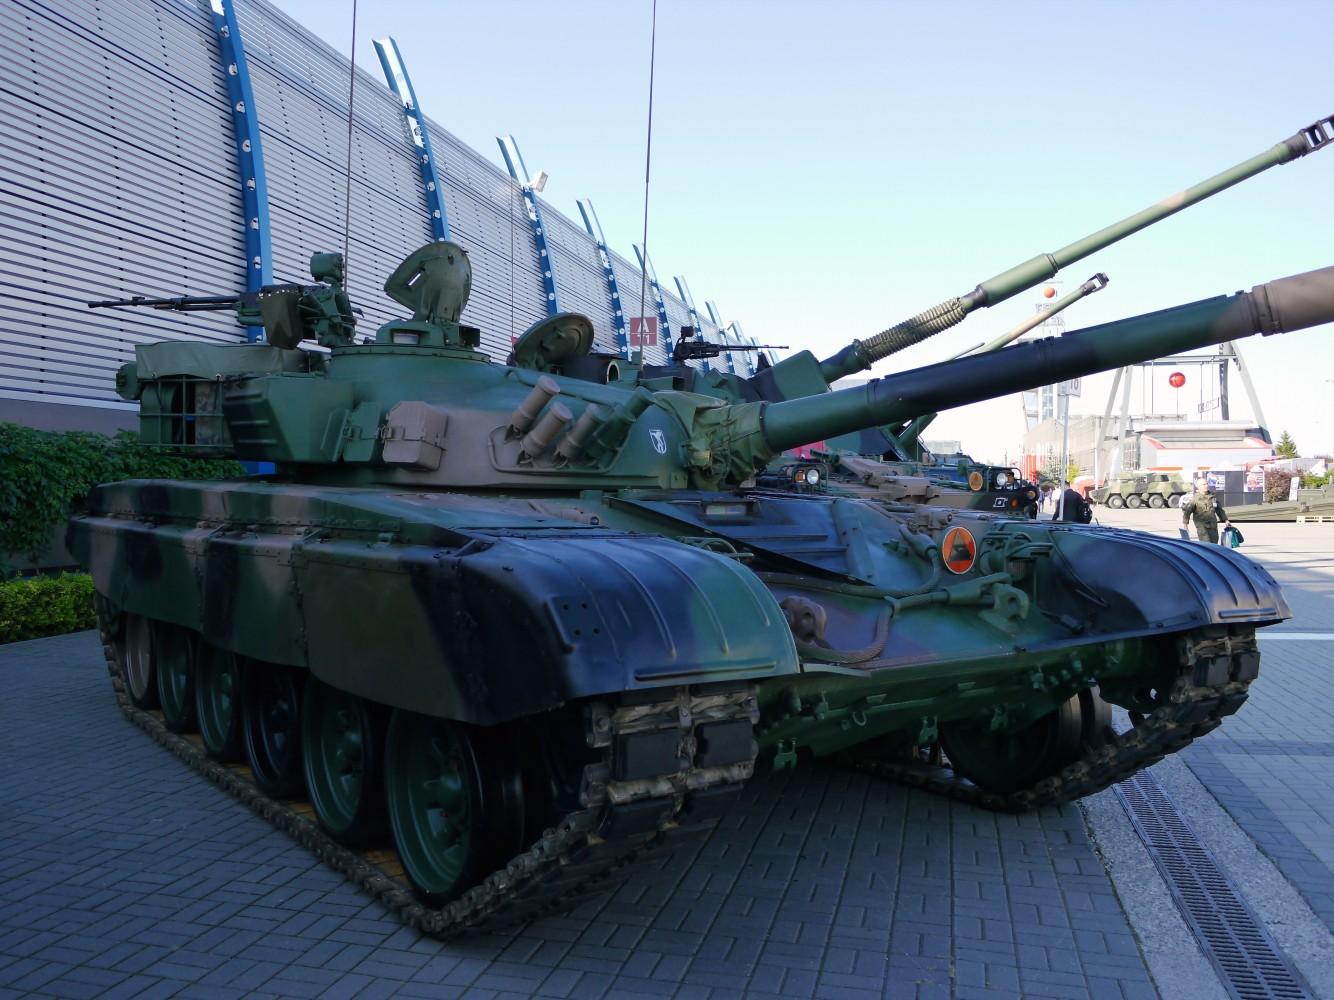 Kliknij obrazek, aby uzyskać większą wersję  Nazwa:T-72M1R.jpg Wyświetleń:79 Rozmiar:299,3 KB ID:229741